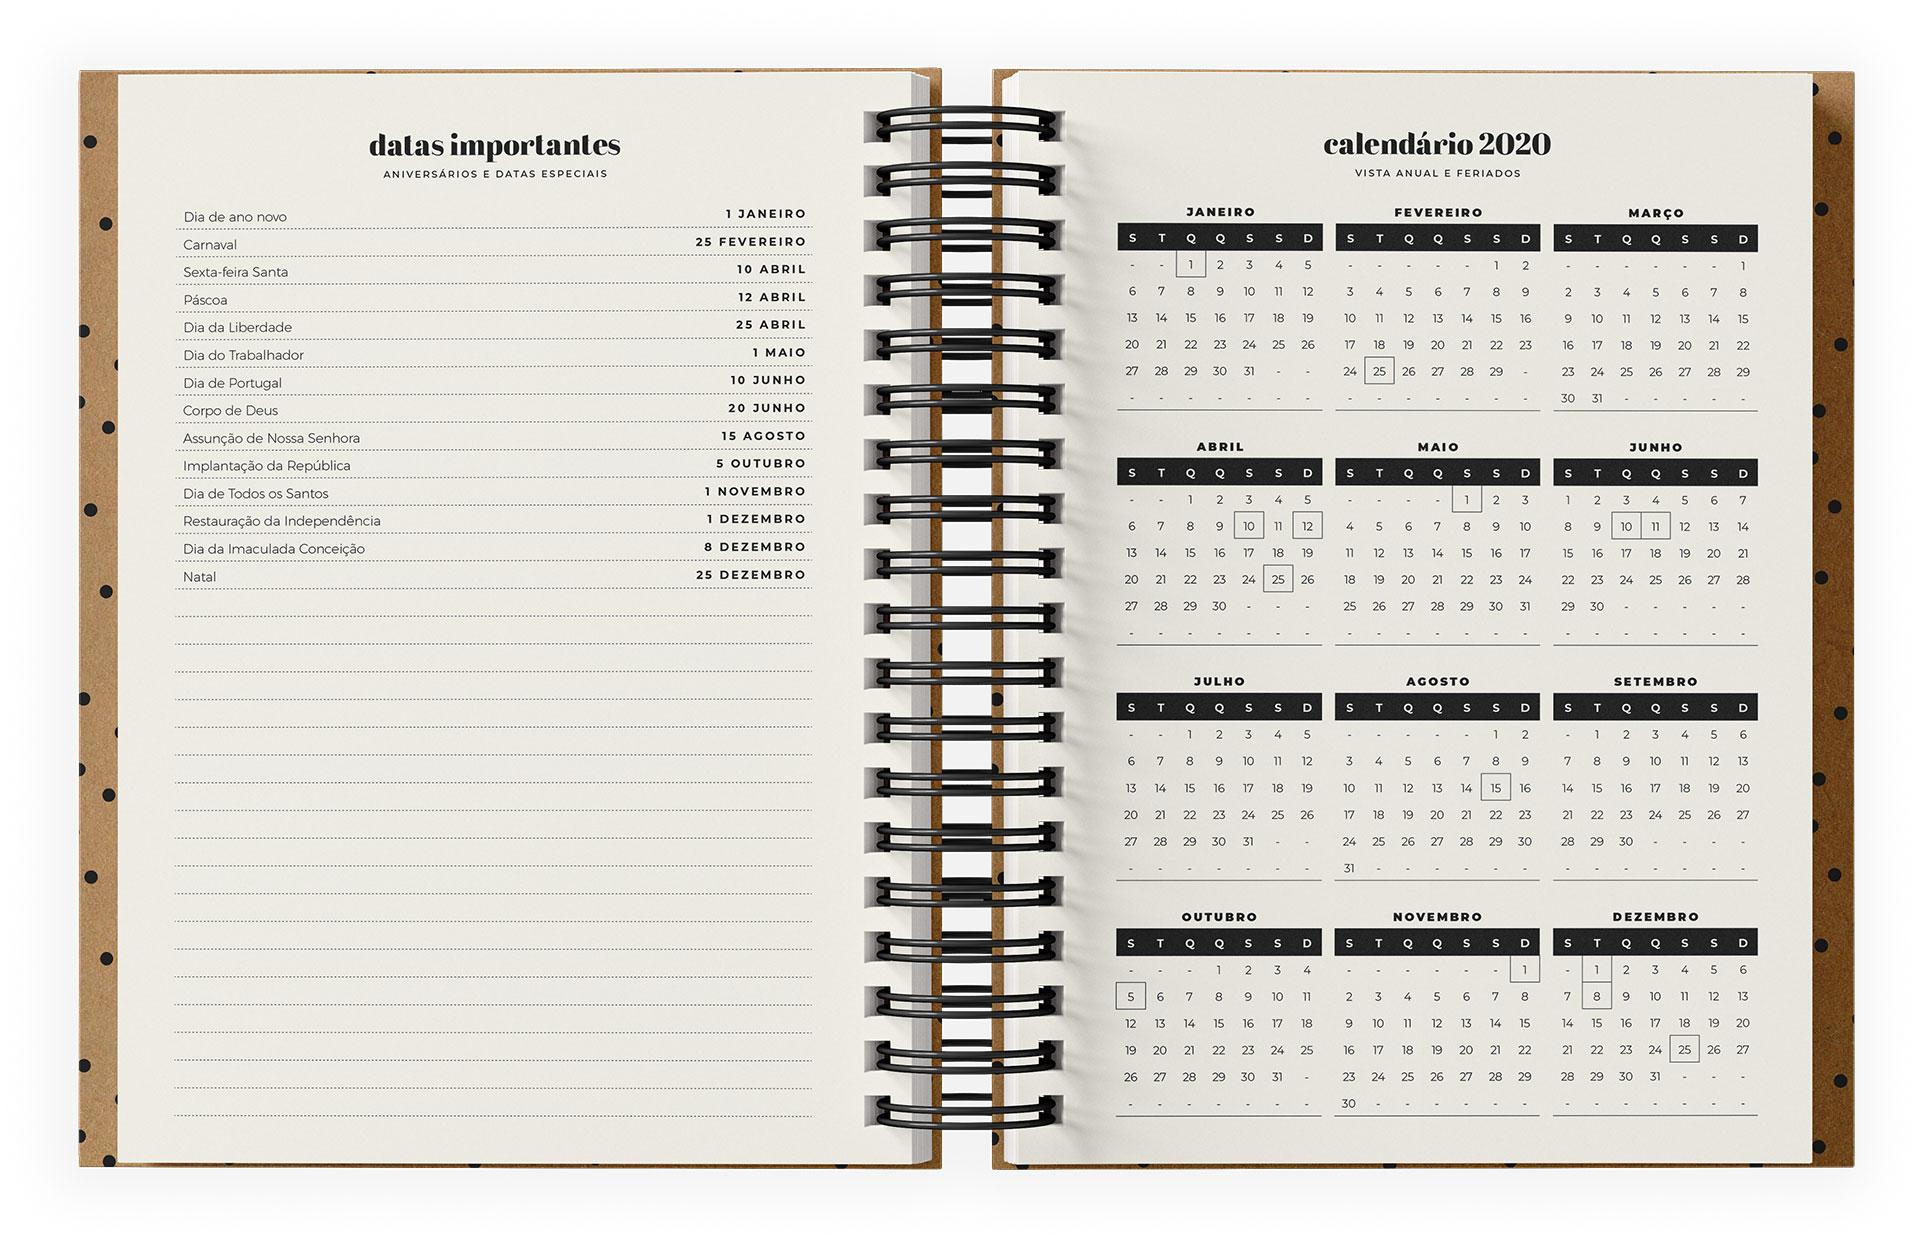 Datas importantes e calendário 2020